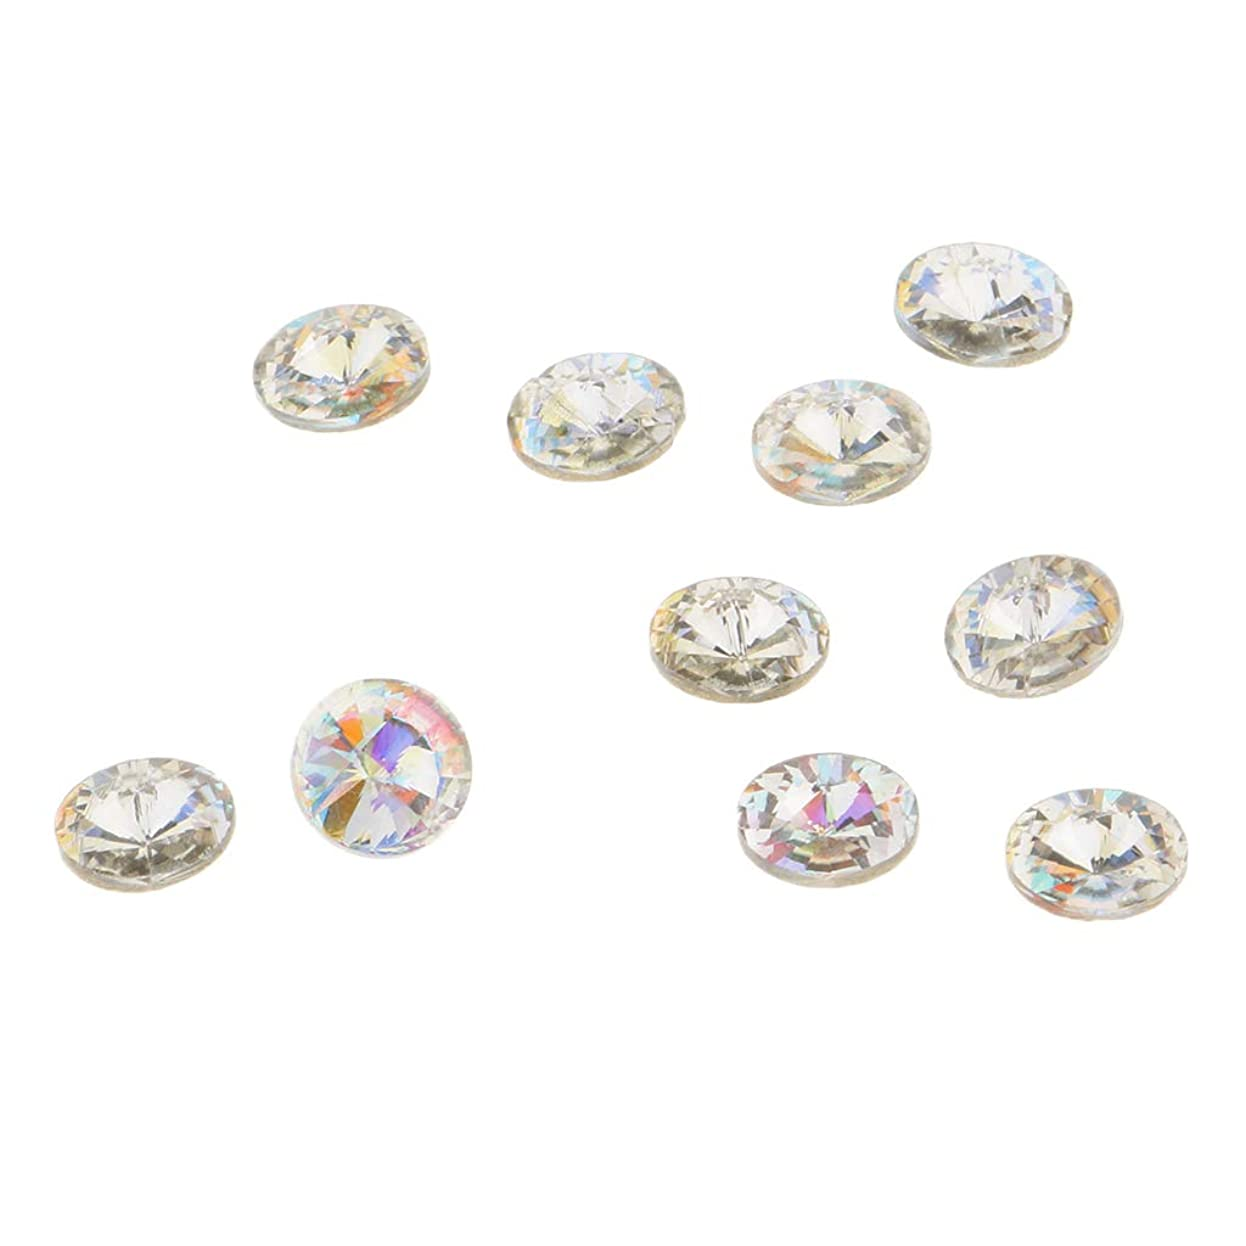 返済警告するアテンダントPerfeclan 10個 3Dネイルチャーム ネイルアート 3D ブリング ガラス ダイヤモンドチップ 装飾 美しい爪 魅力 5タイプ選べ - C